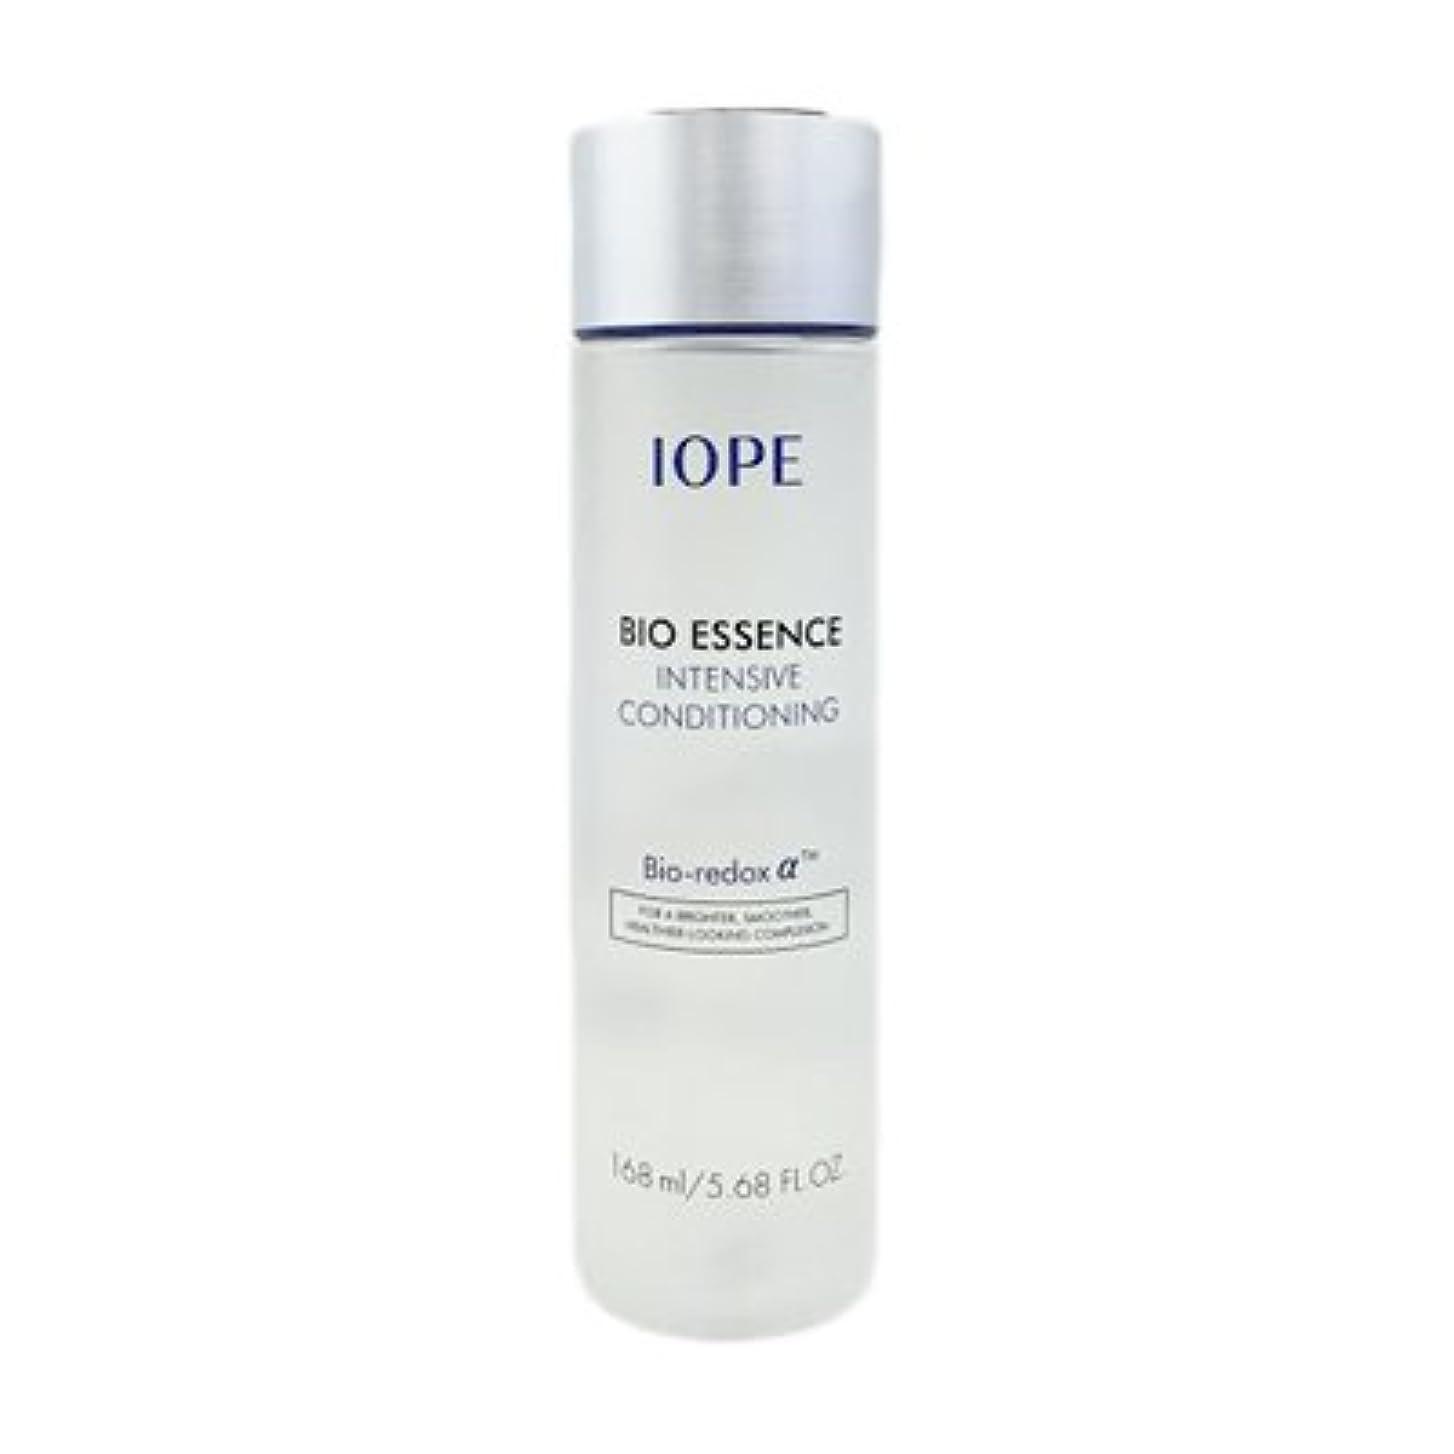 ジェムのり癌IOPE/アイオペ バイオエッセンス インテンシブ コンディショニング 168ml [並行輸入品]